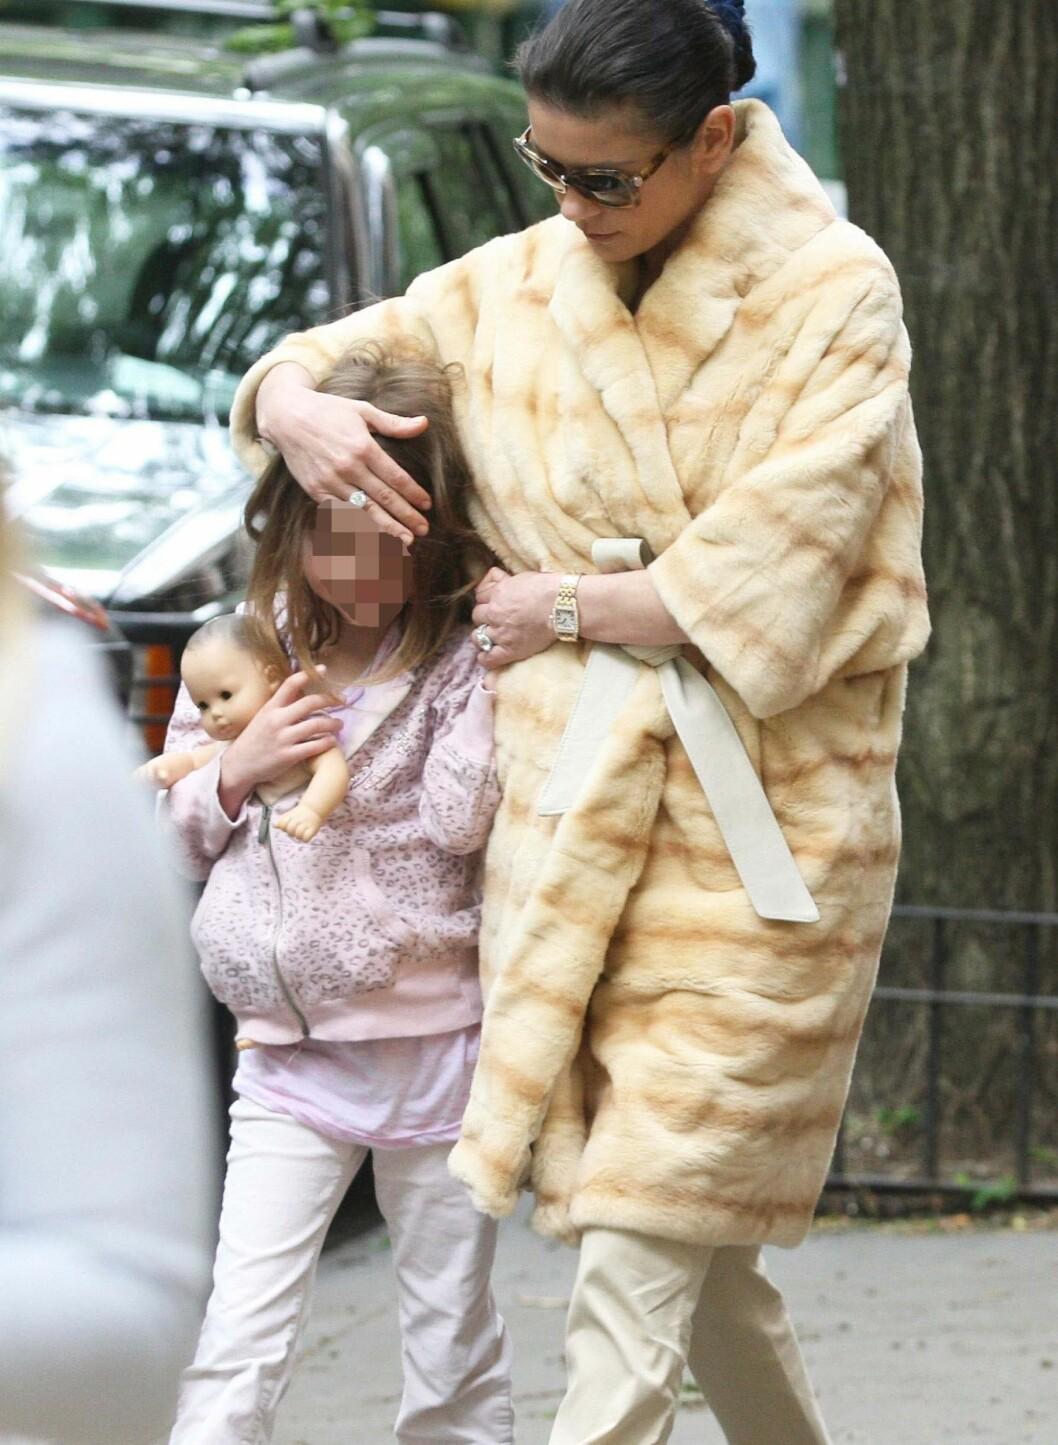 Her i diger pelskåpe og de beige bestemorbuksene (nok en gang). Foto: All Over Press